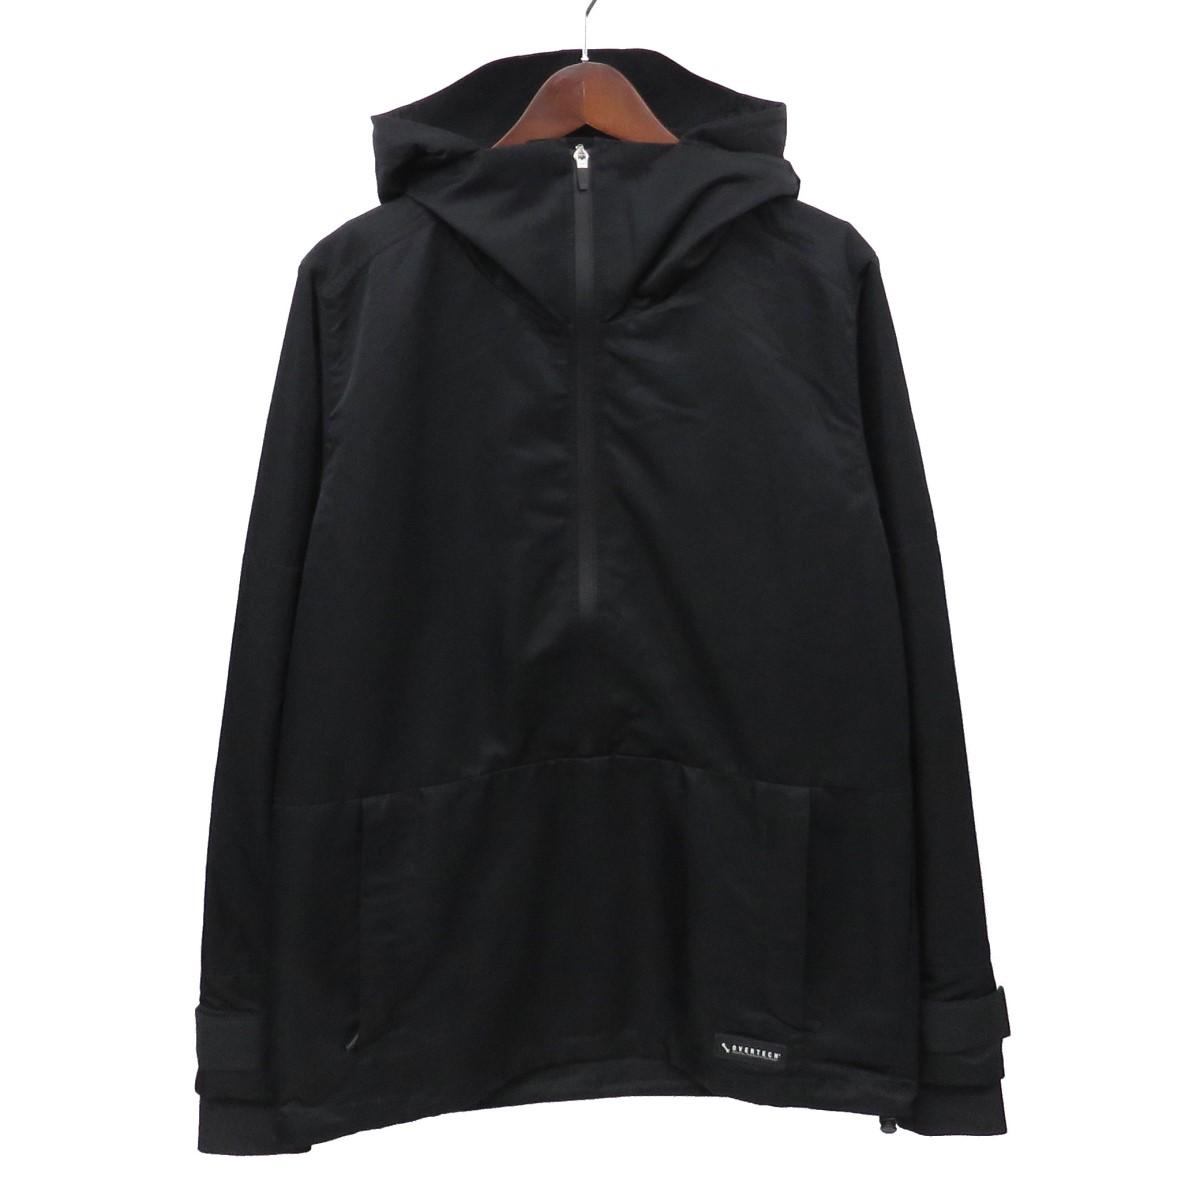 【中古】OVERTECH UH OVERLANDER HOODY アノラックパーカー フーデッドジャケット OT-R05 ブラック サイズ:M 【310120】(オーバーテック)